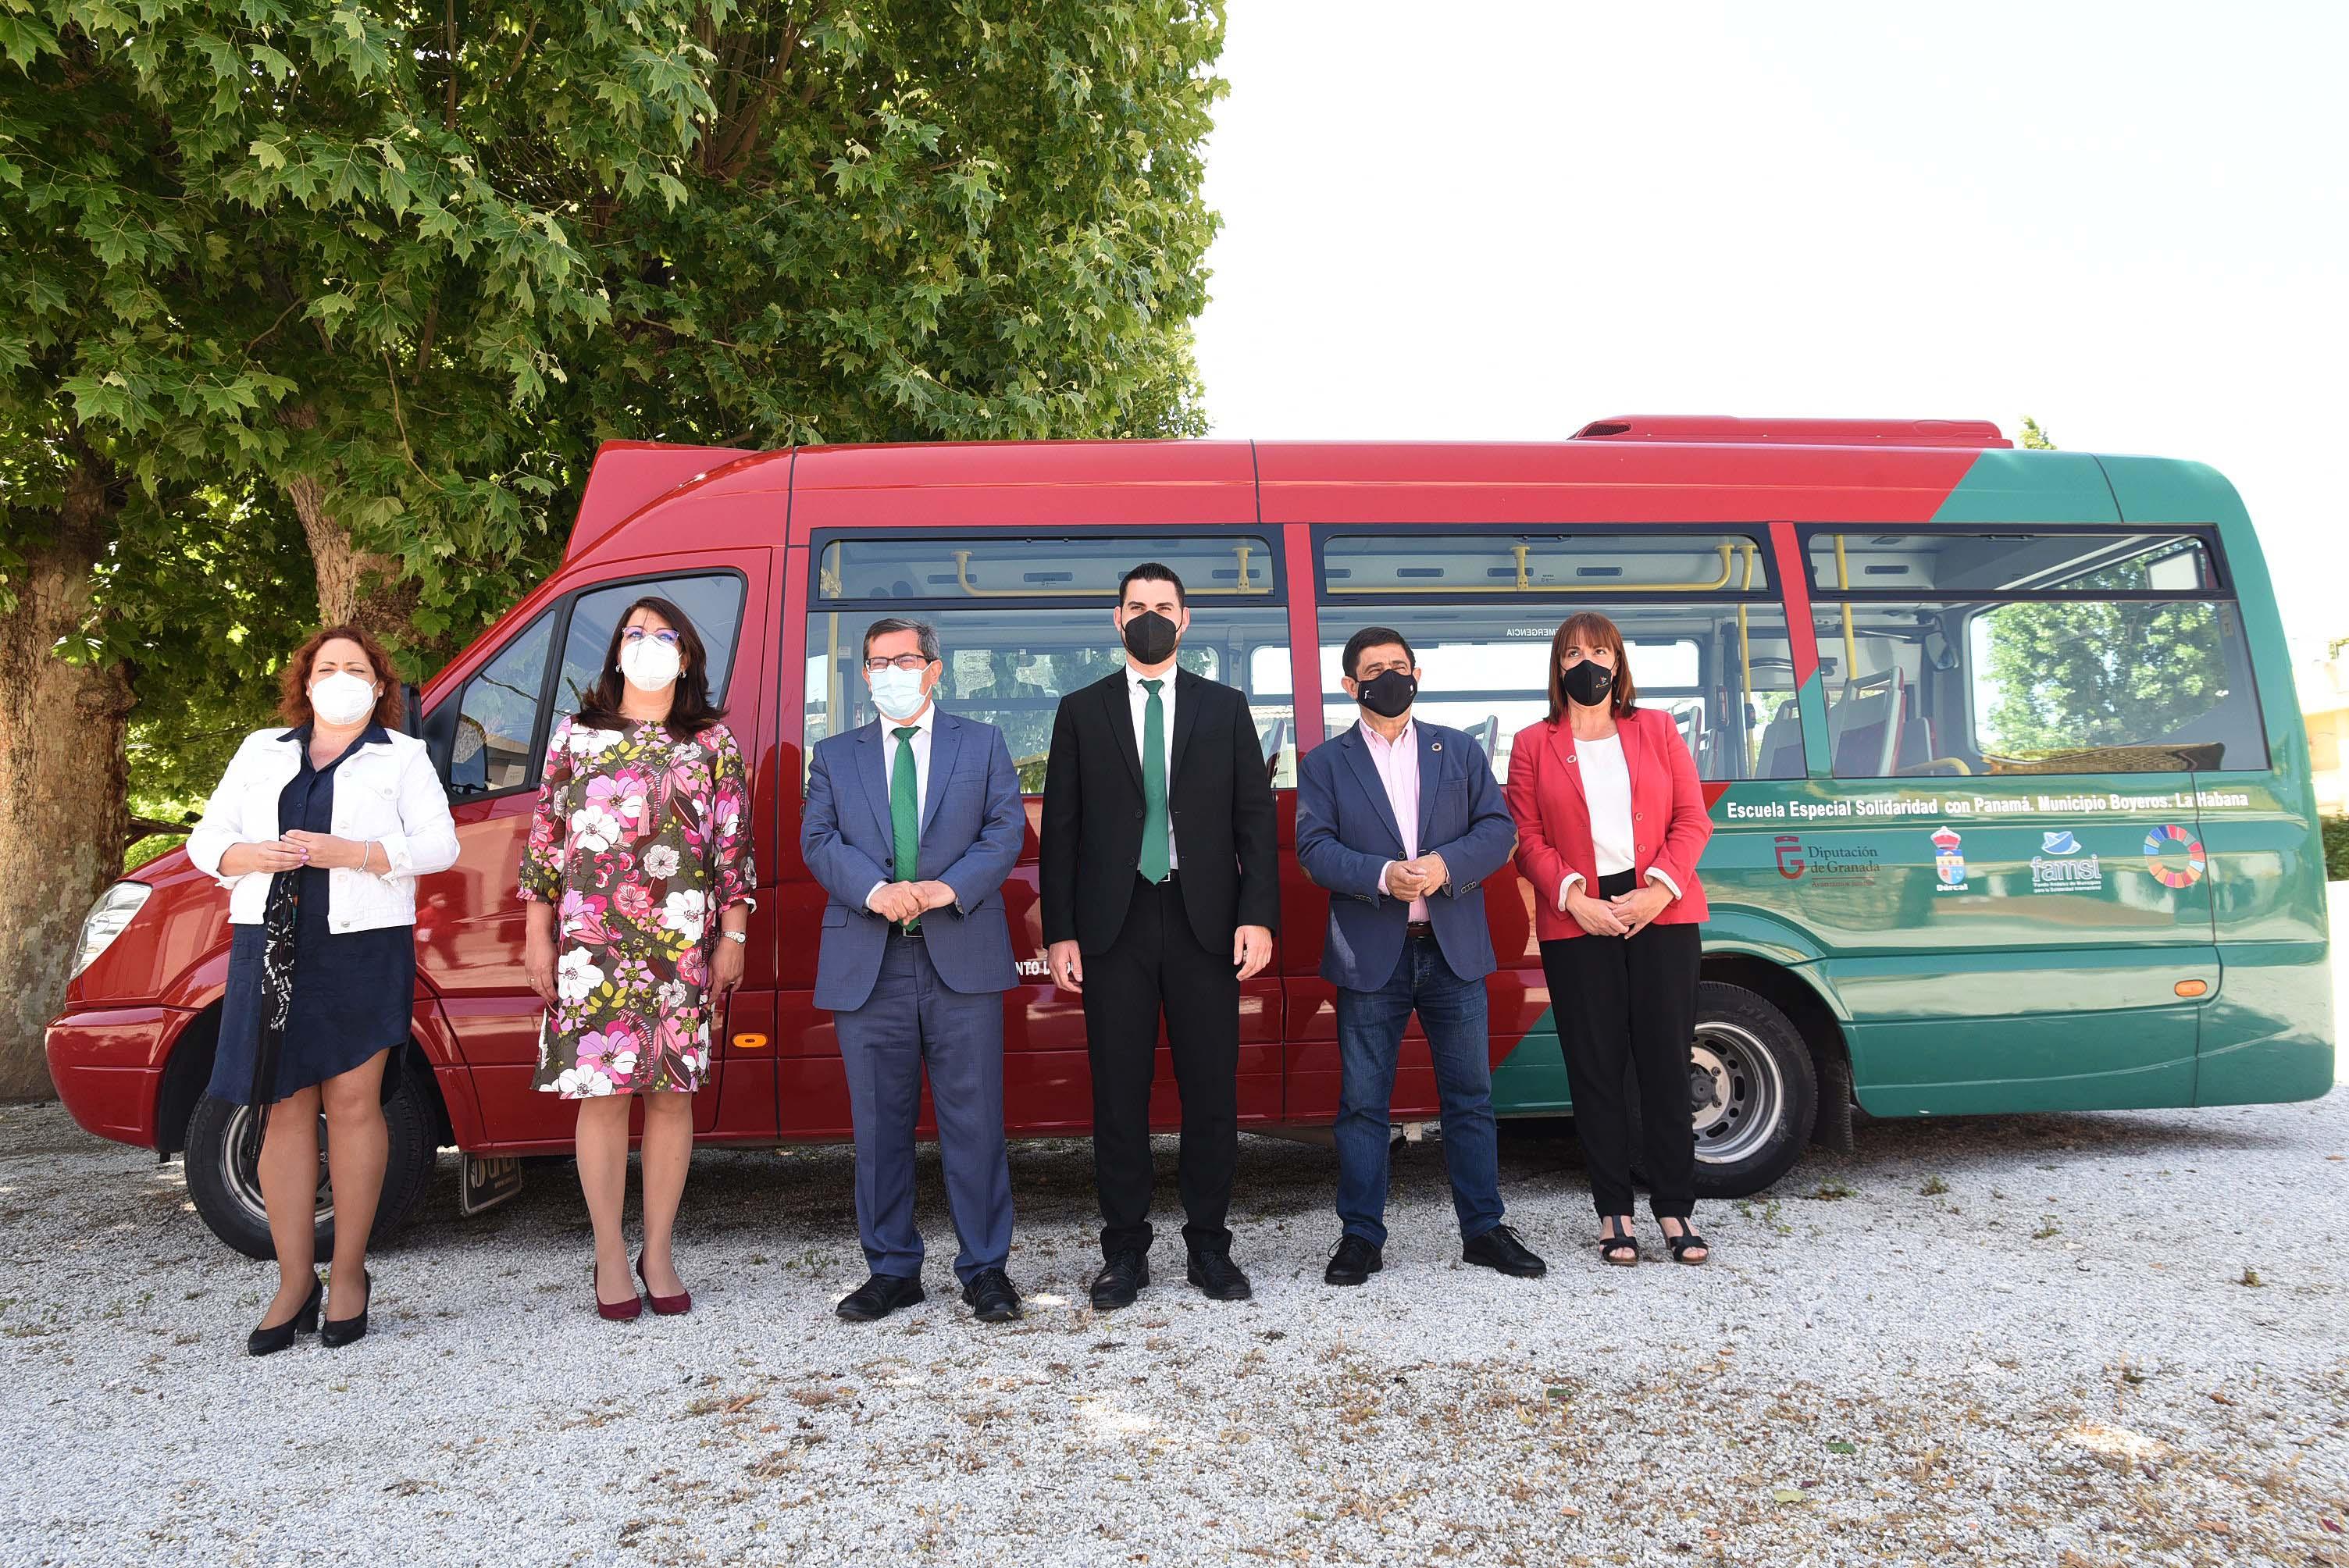 El Fondo Andaluz de Municipios para la Solidaridad envía a Cuba un minibús para un colegio de educación especial